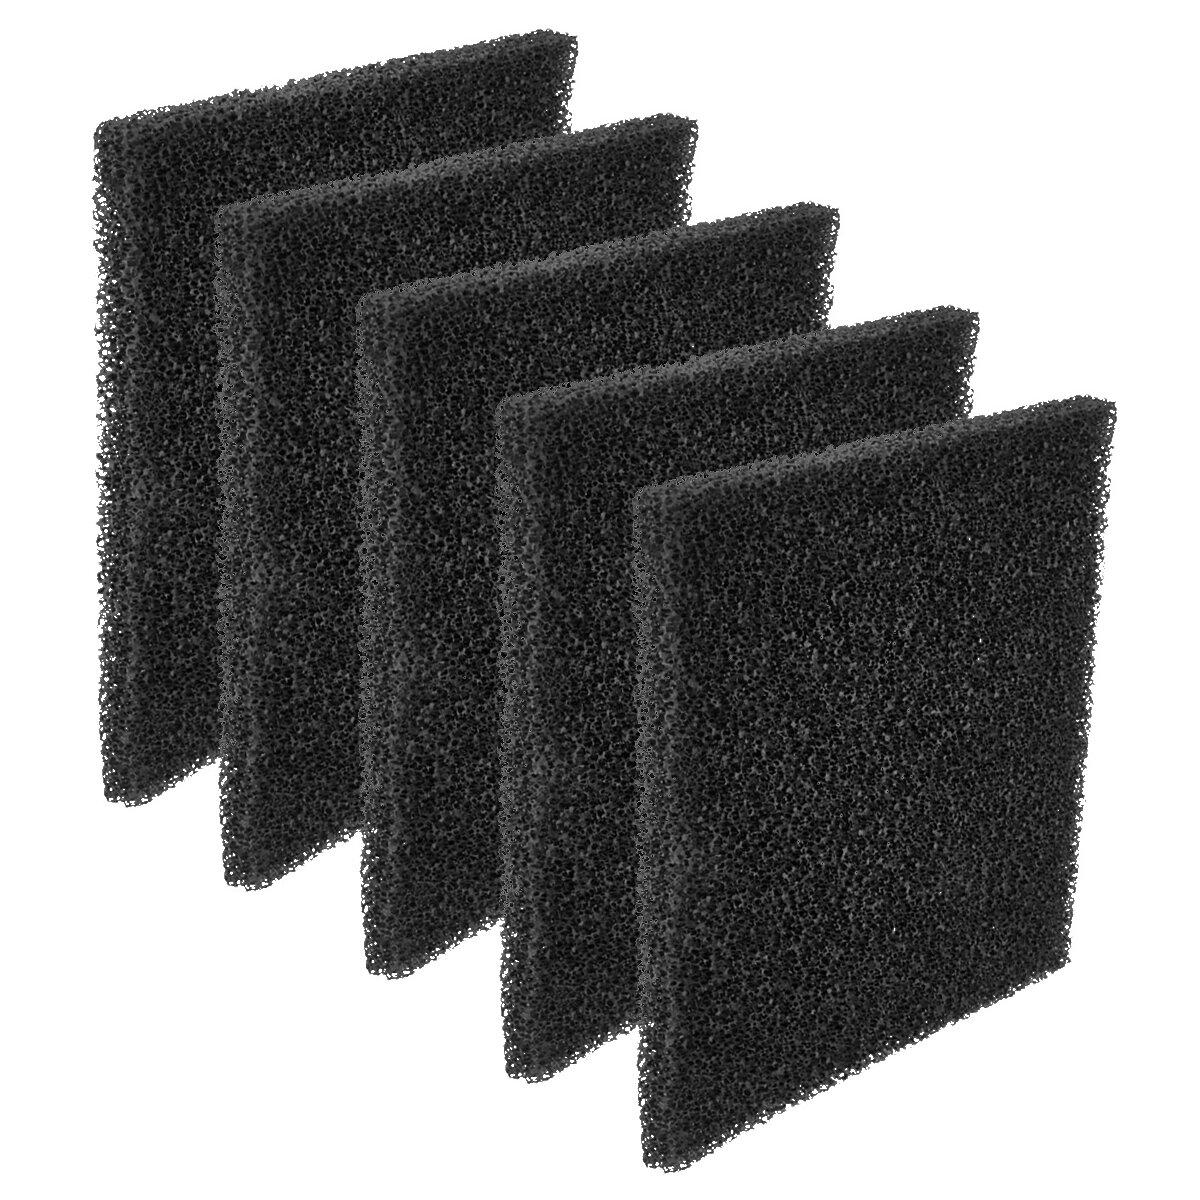 Minadax Aktivkohlefilter, 5x Kohlefiltermatte, geeignet für Rauchabsauger, 13cm x 13cm, Neutralisiert schädliche Dämpfe